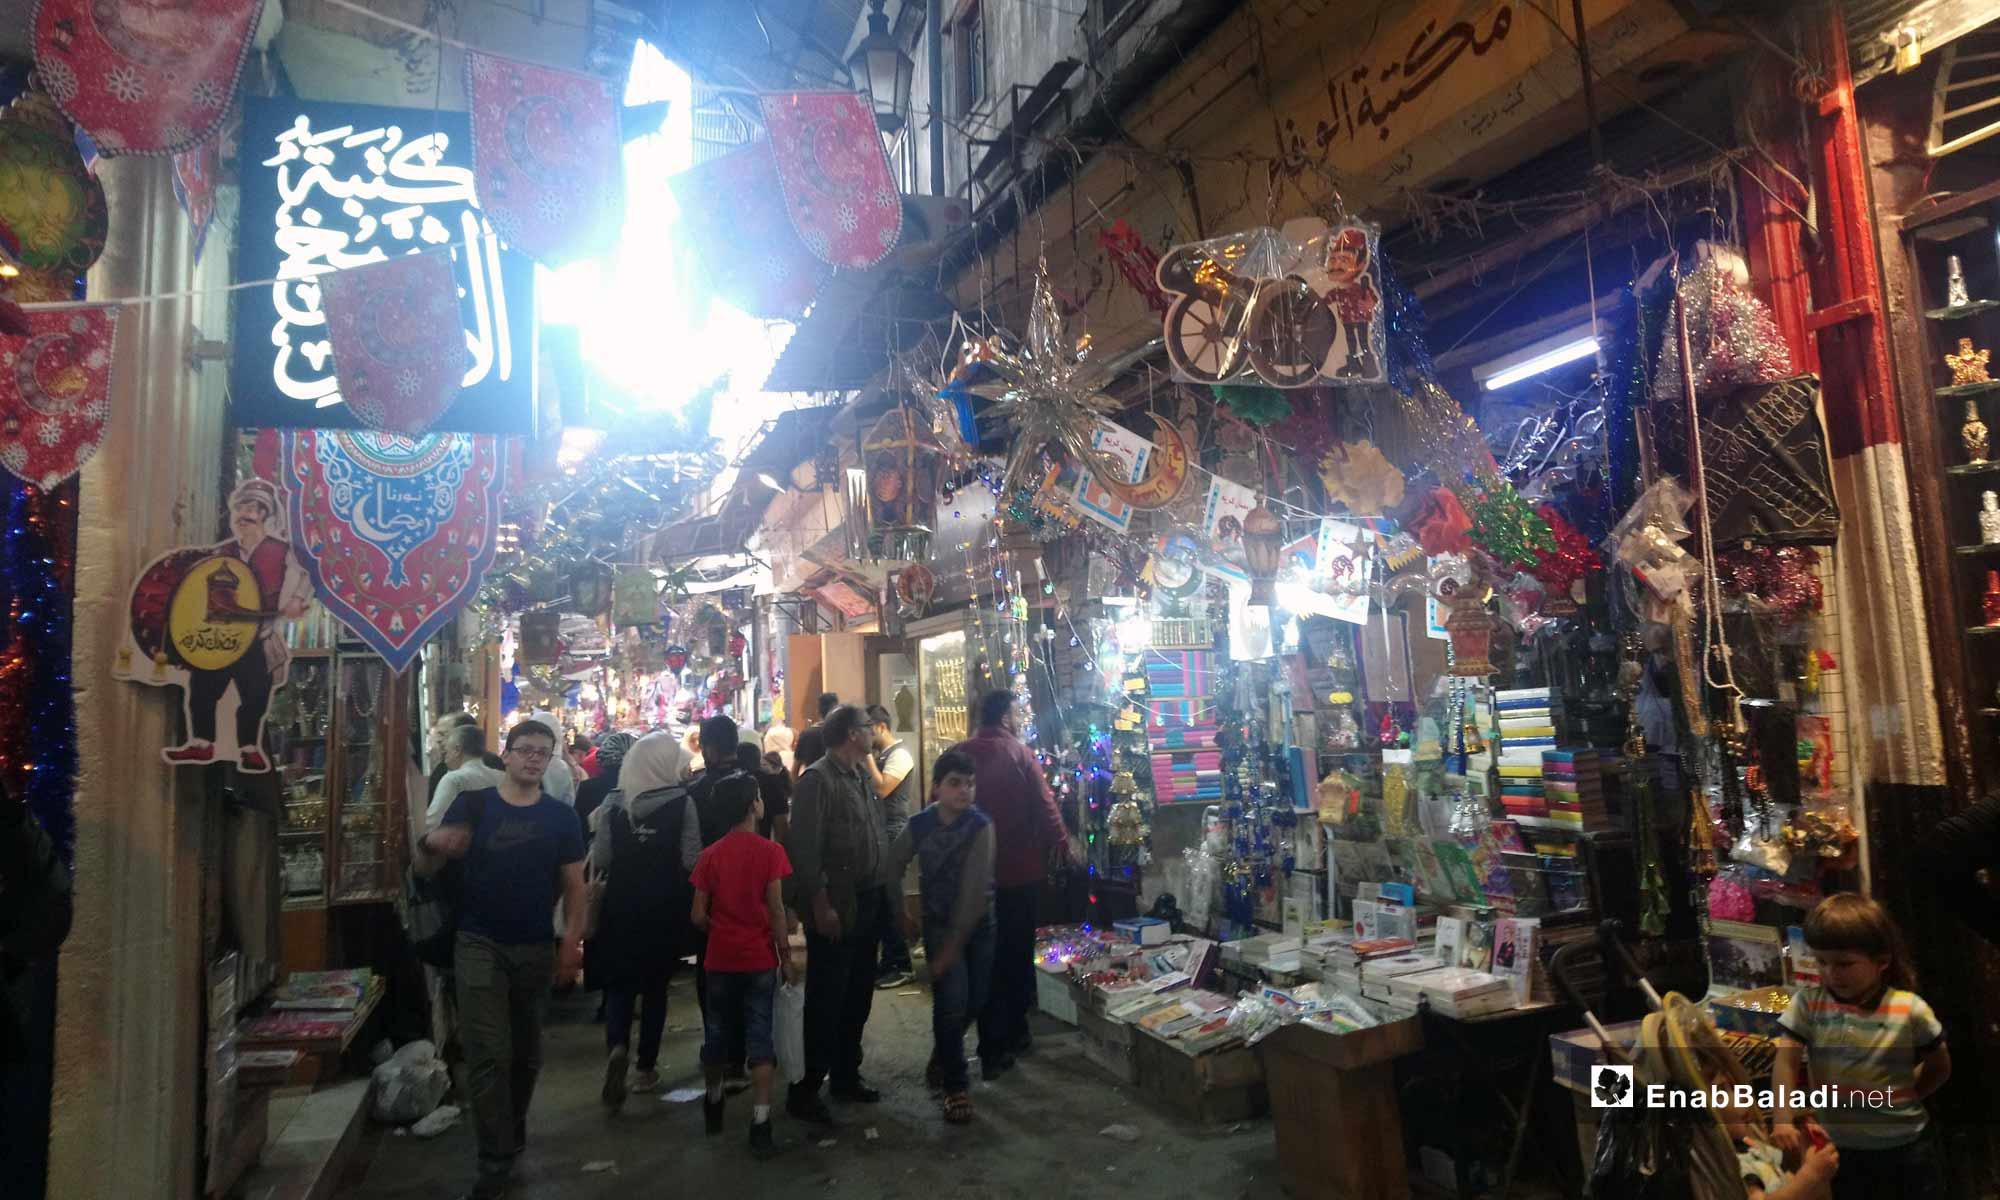 أسواق دمشق - 5 من آيار 2019 (عنب بلدي)